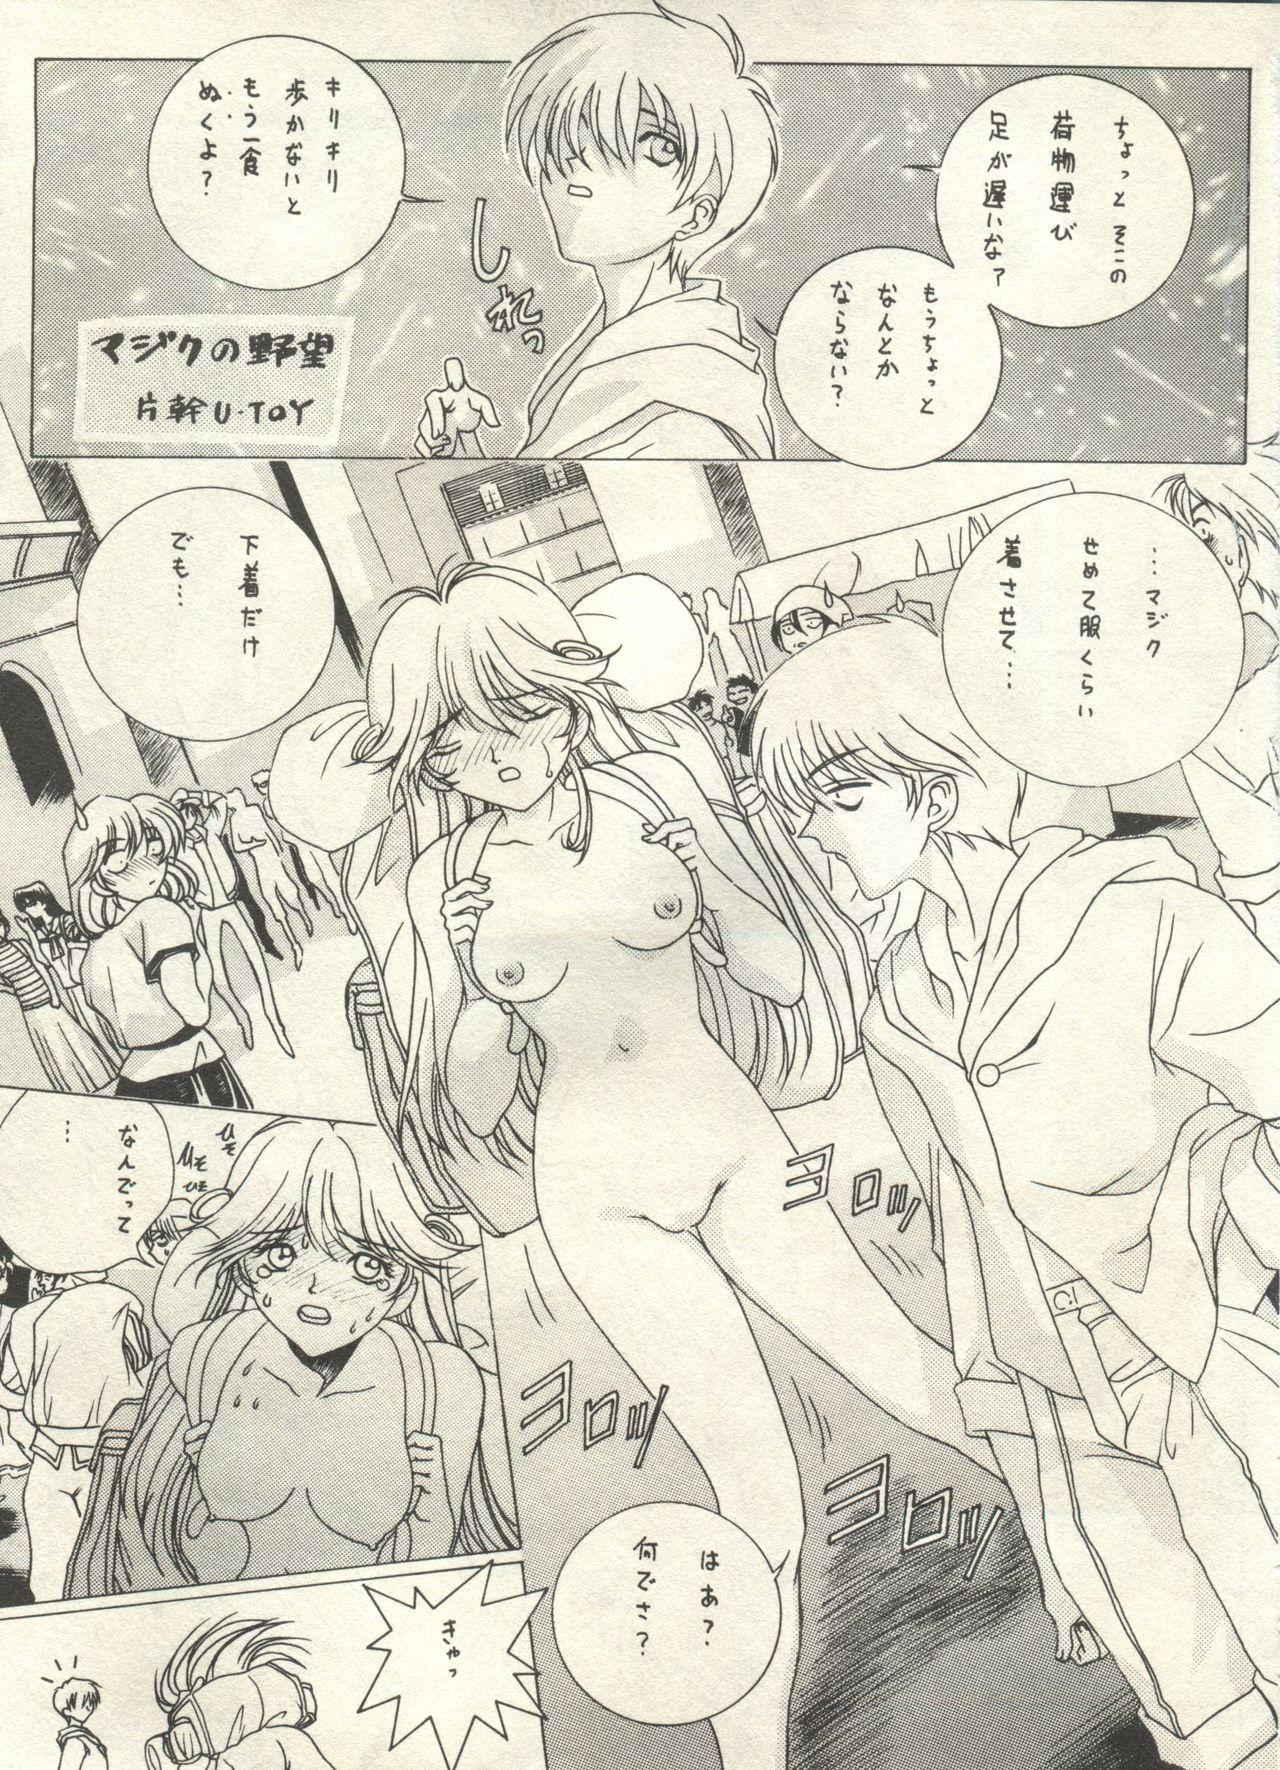 Bishoujo Shoukougun 2000 Manga-Anime Hen 180